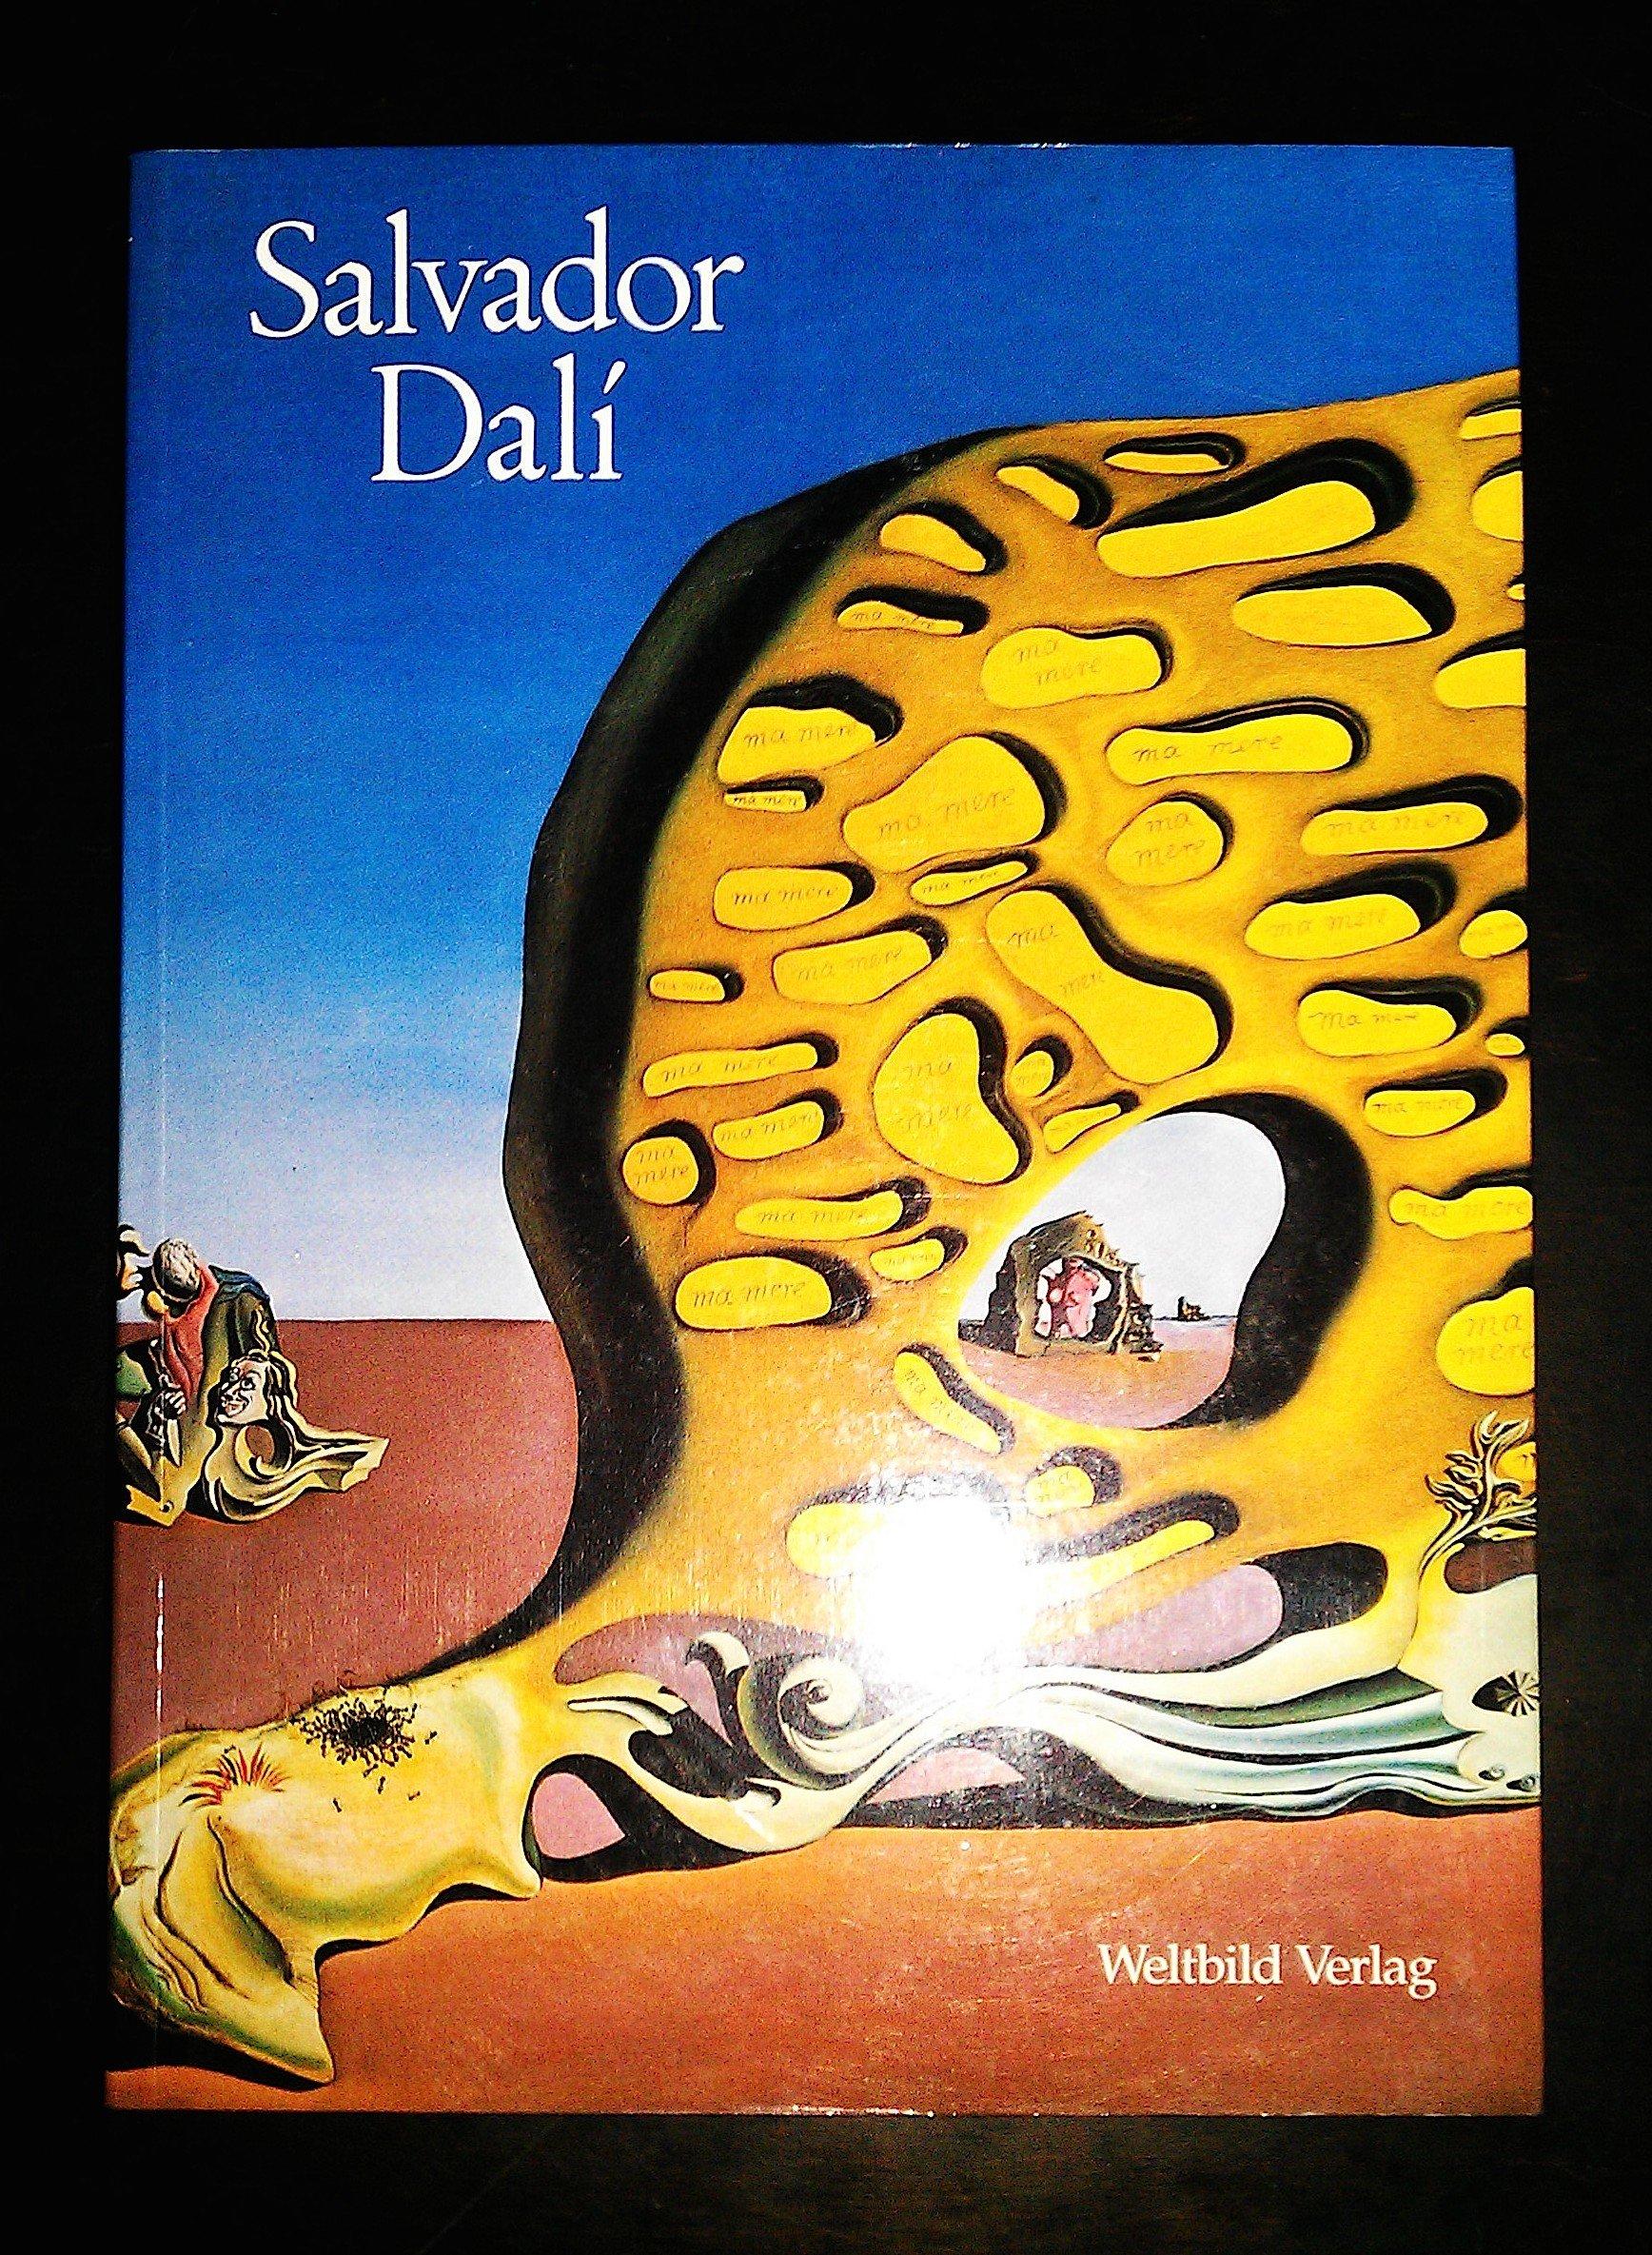 Salvador Dali. Retrospektive 1920-1980. Sonderausgabe. Gemälde. Zeichnungen. Grafiken. Objekte. Filme. Schriften